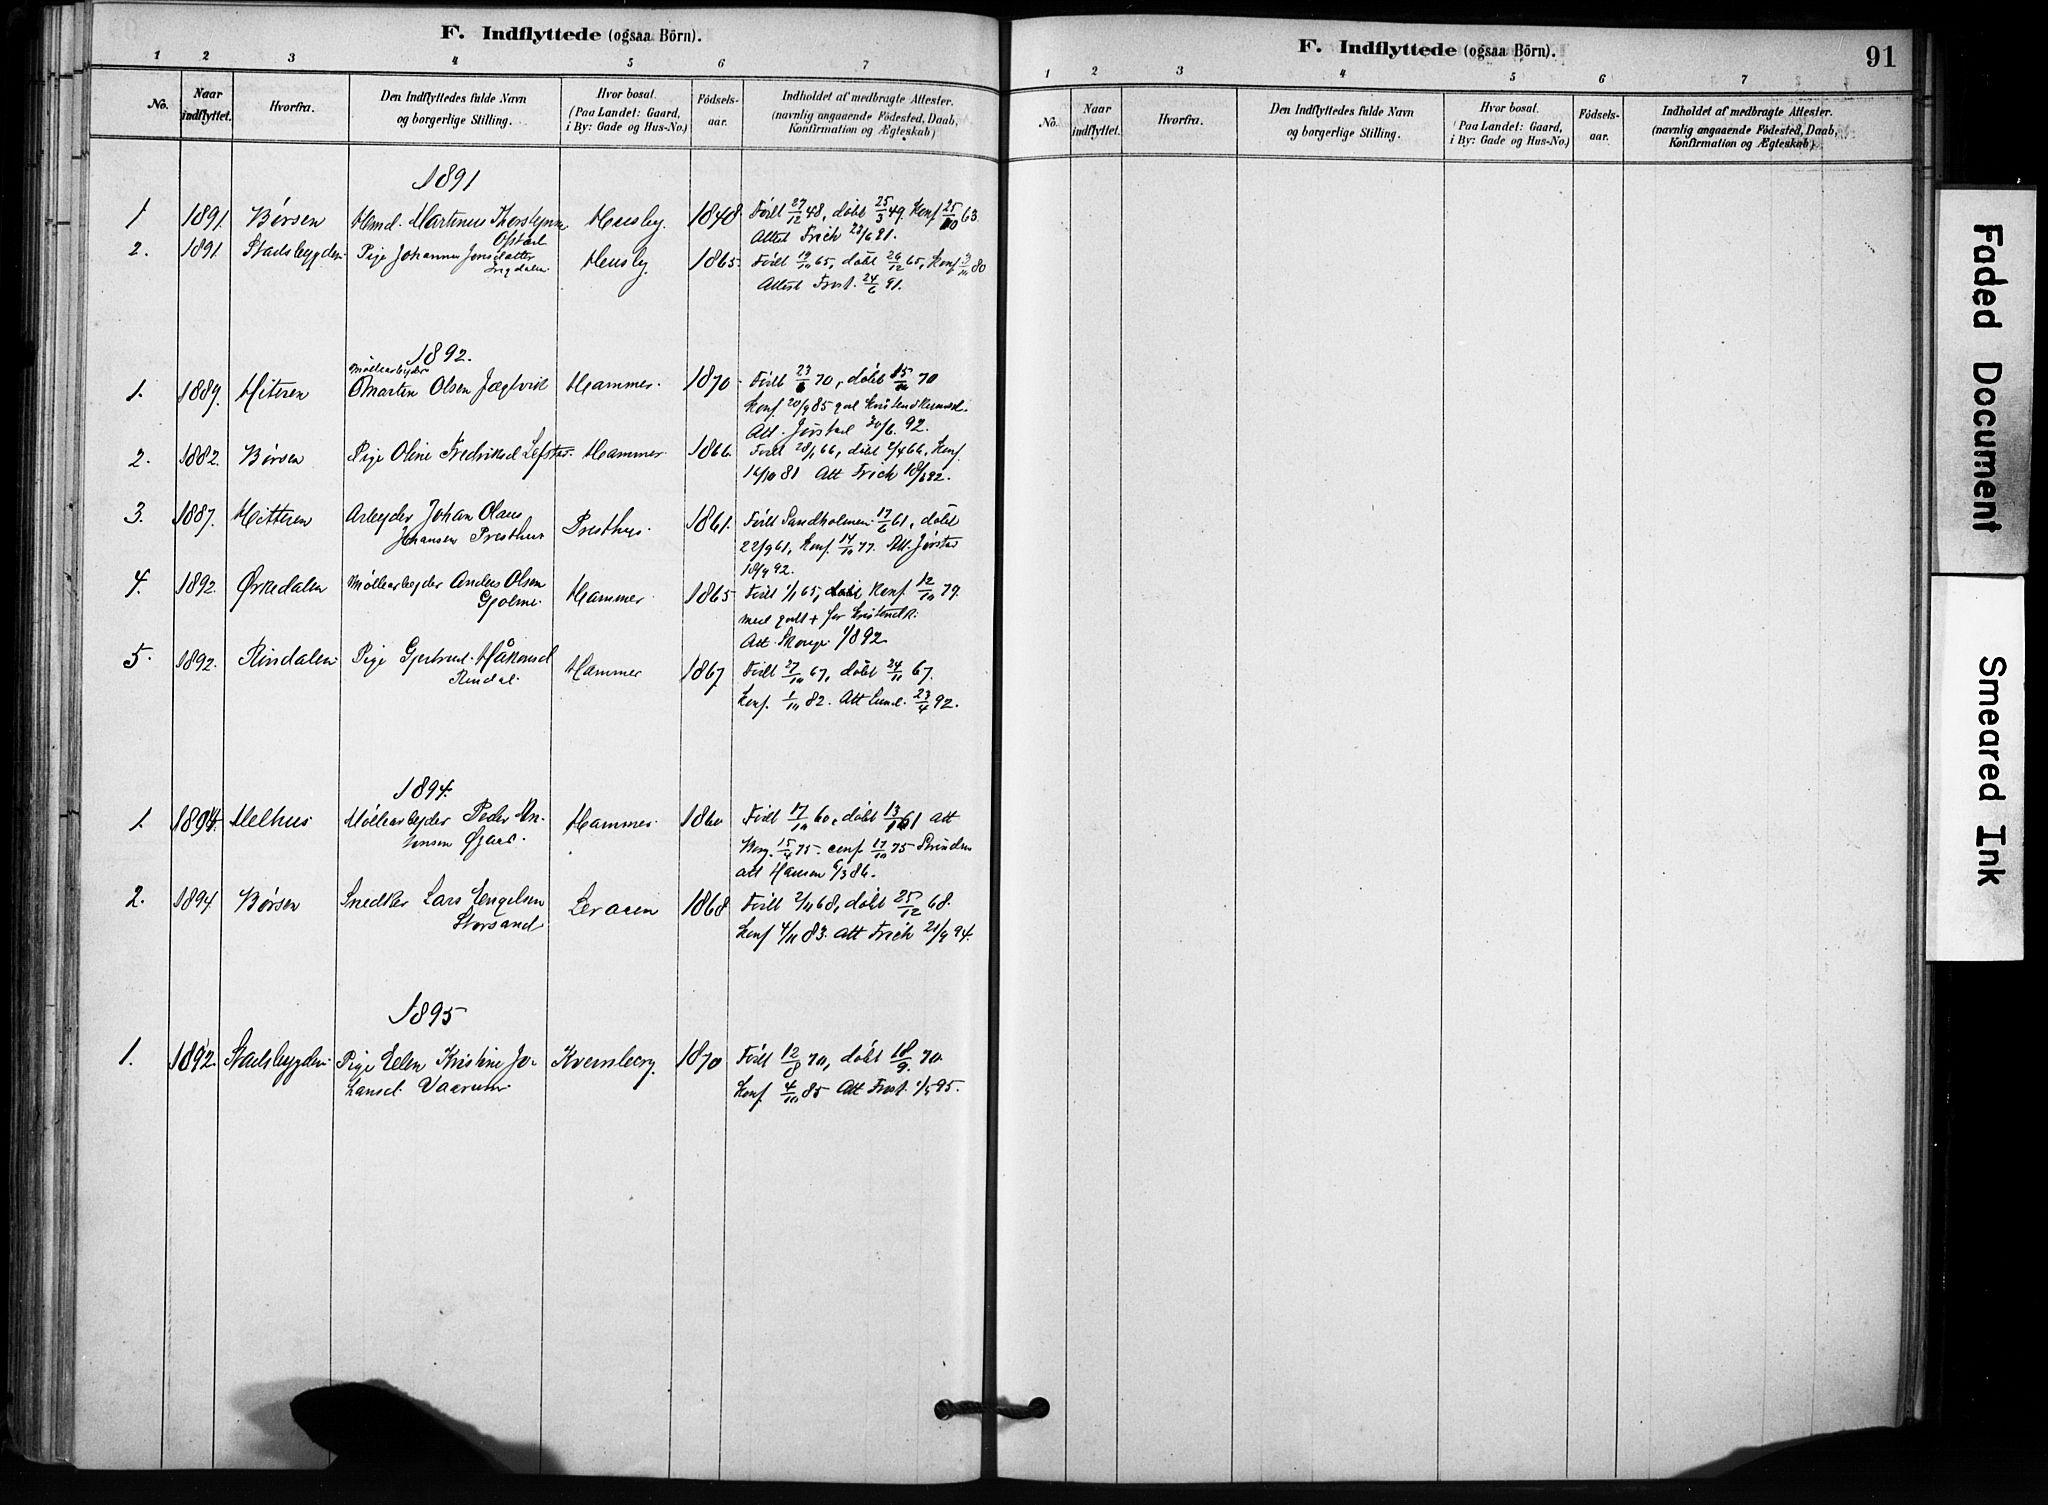 SAT, Ministerialprotokoller, klokkerbøker og fødselsregistre - Sør-Trøndelag, 666/L0786: Ministerialbok nr. 666A04, 1878-1895, s. 91